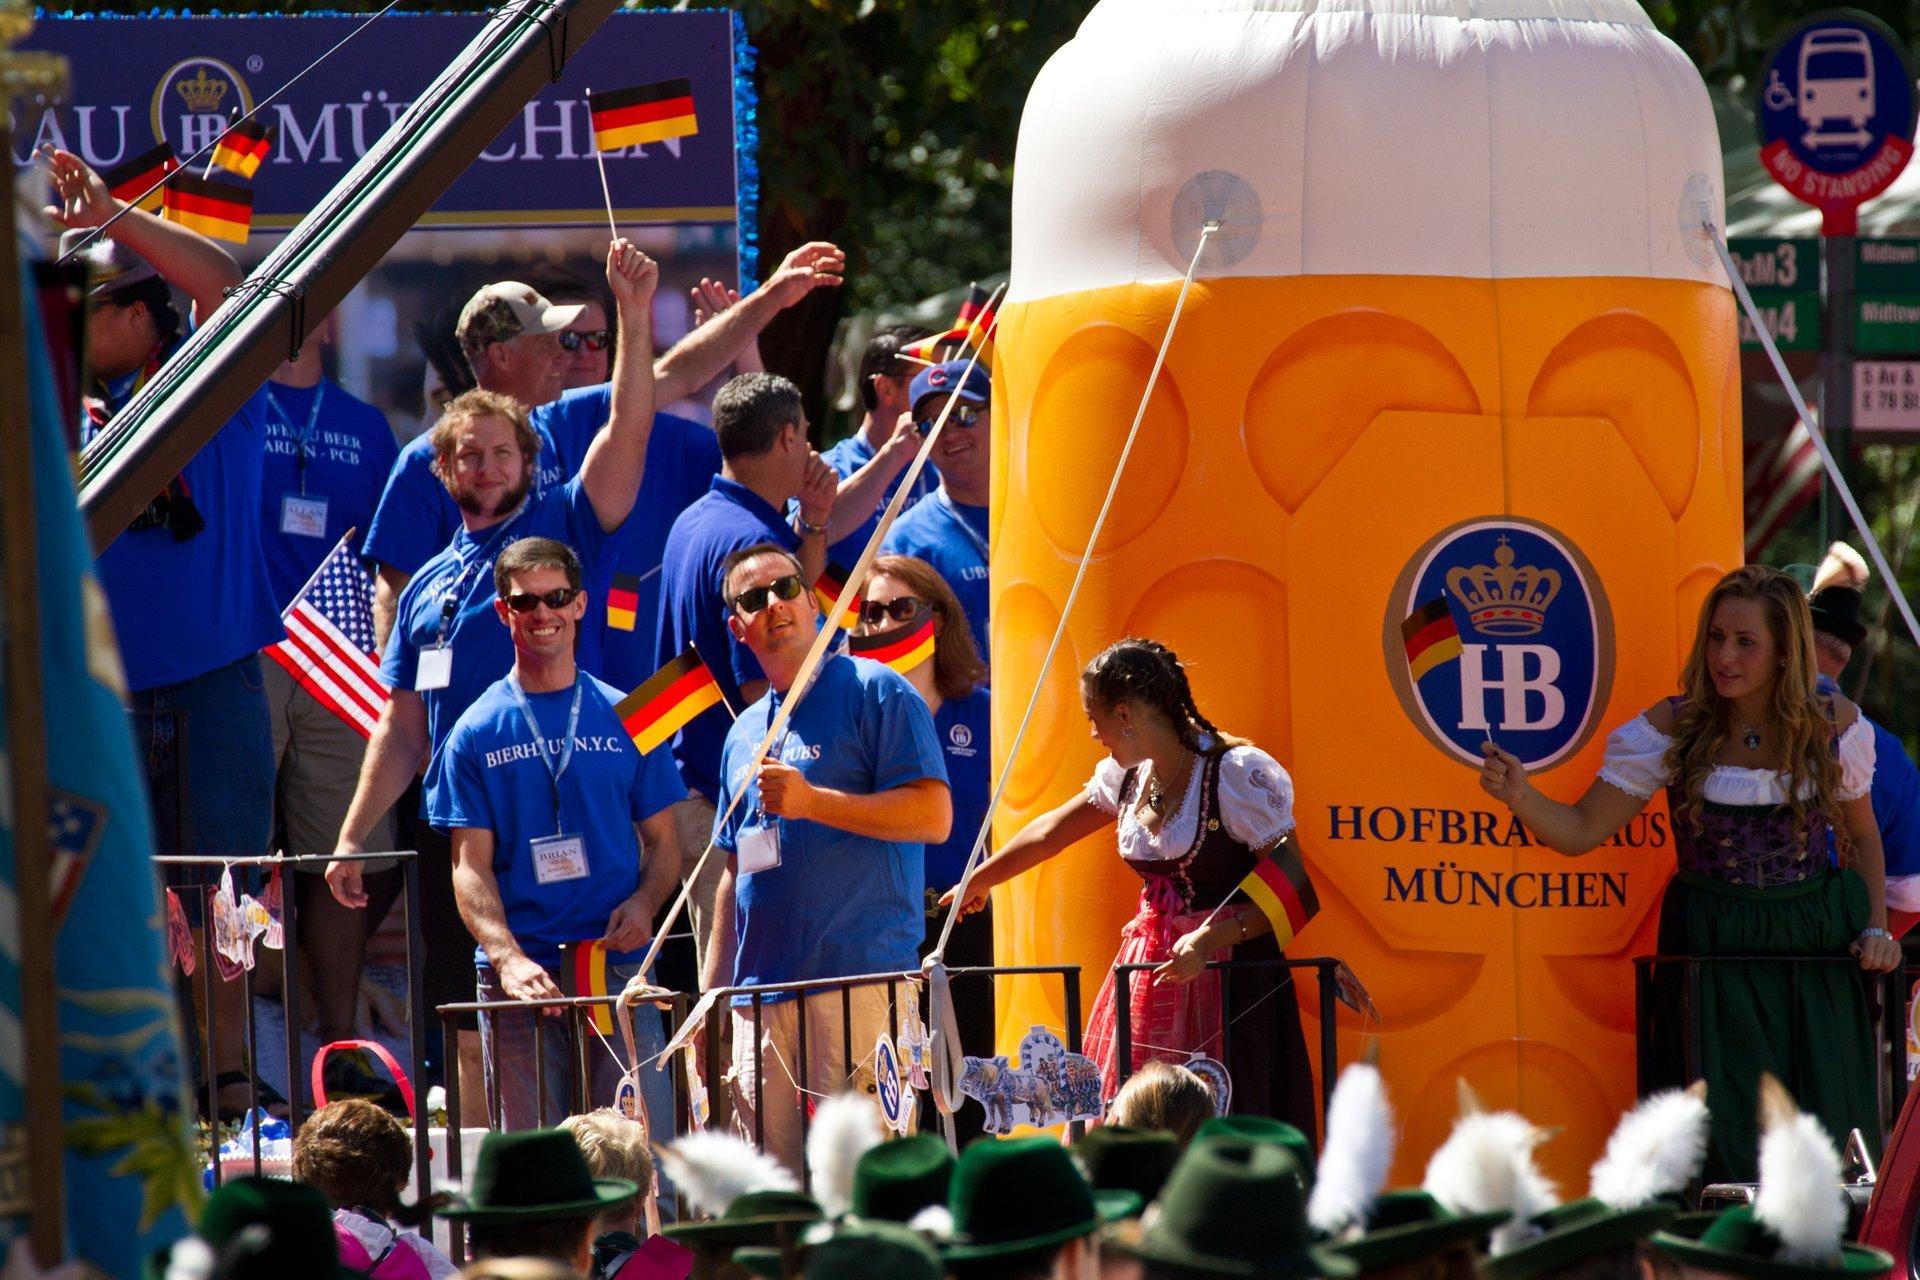 Das Bier at the German-American Steuben Parade 2020